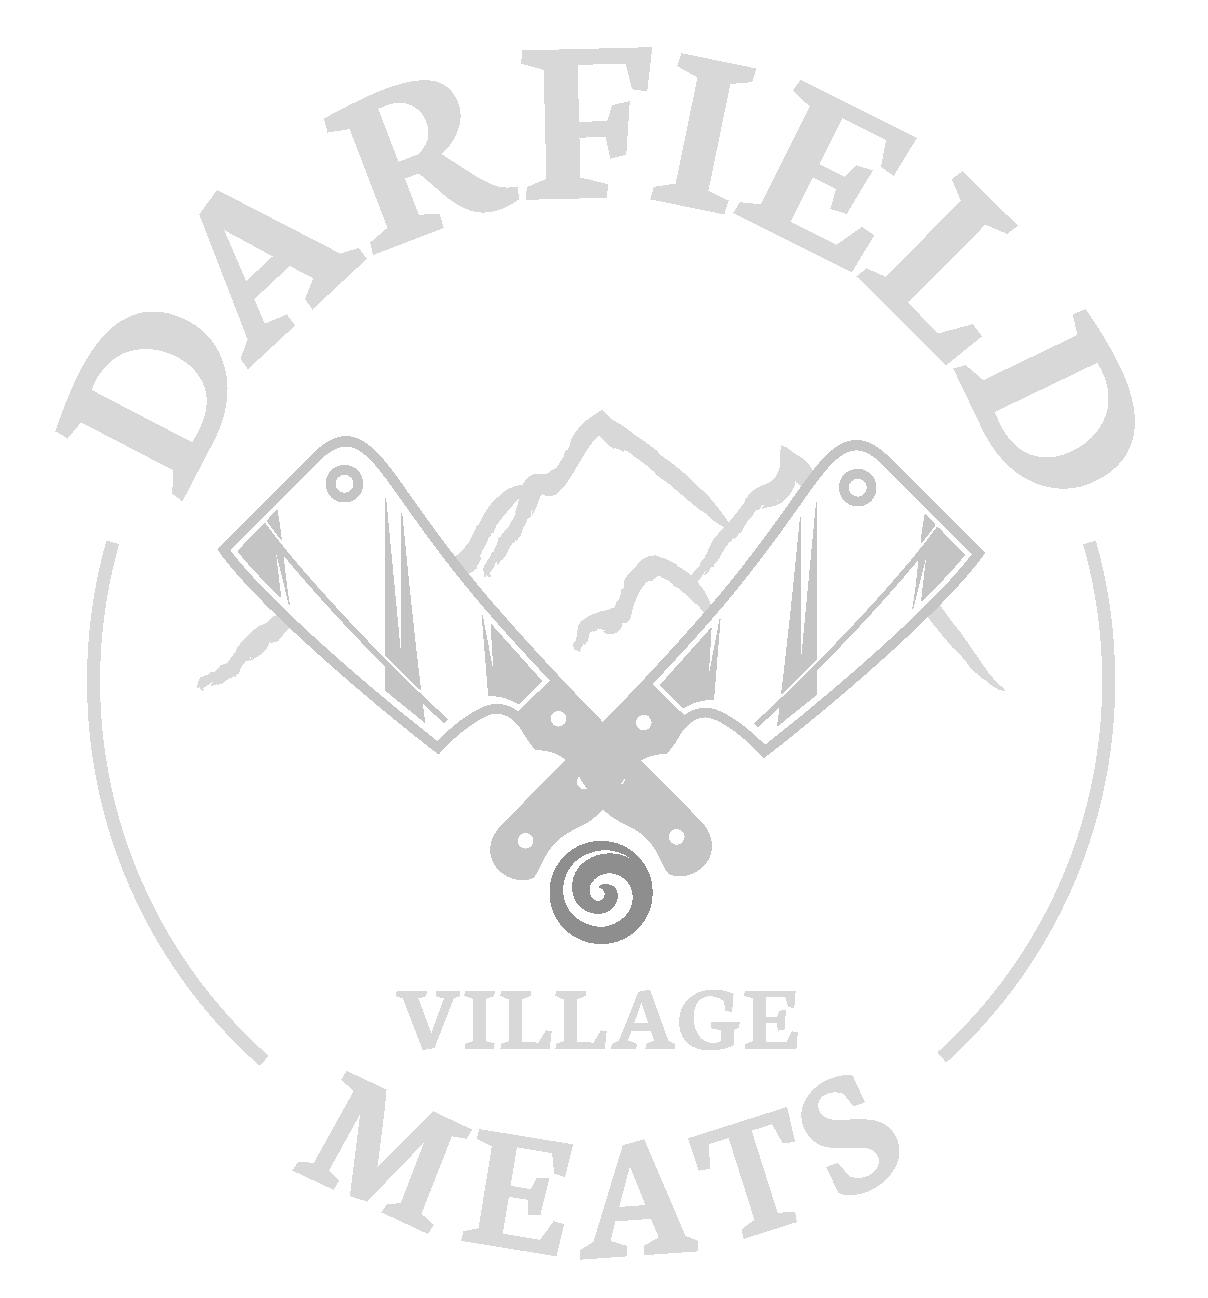 Darfield Village Meats